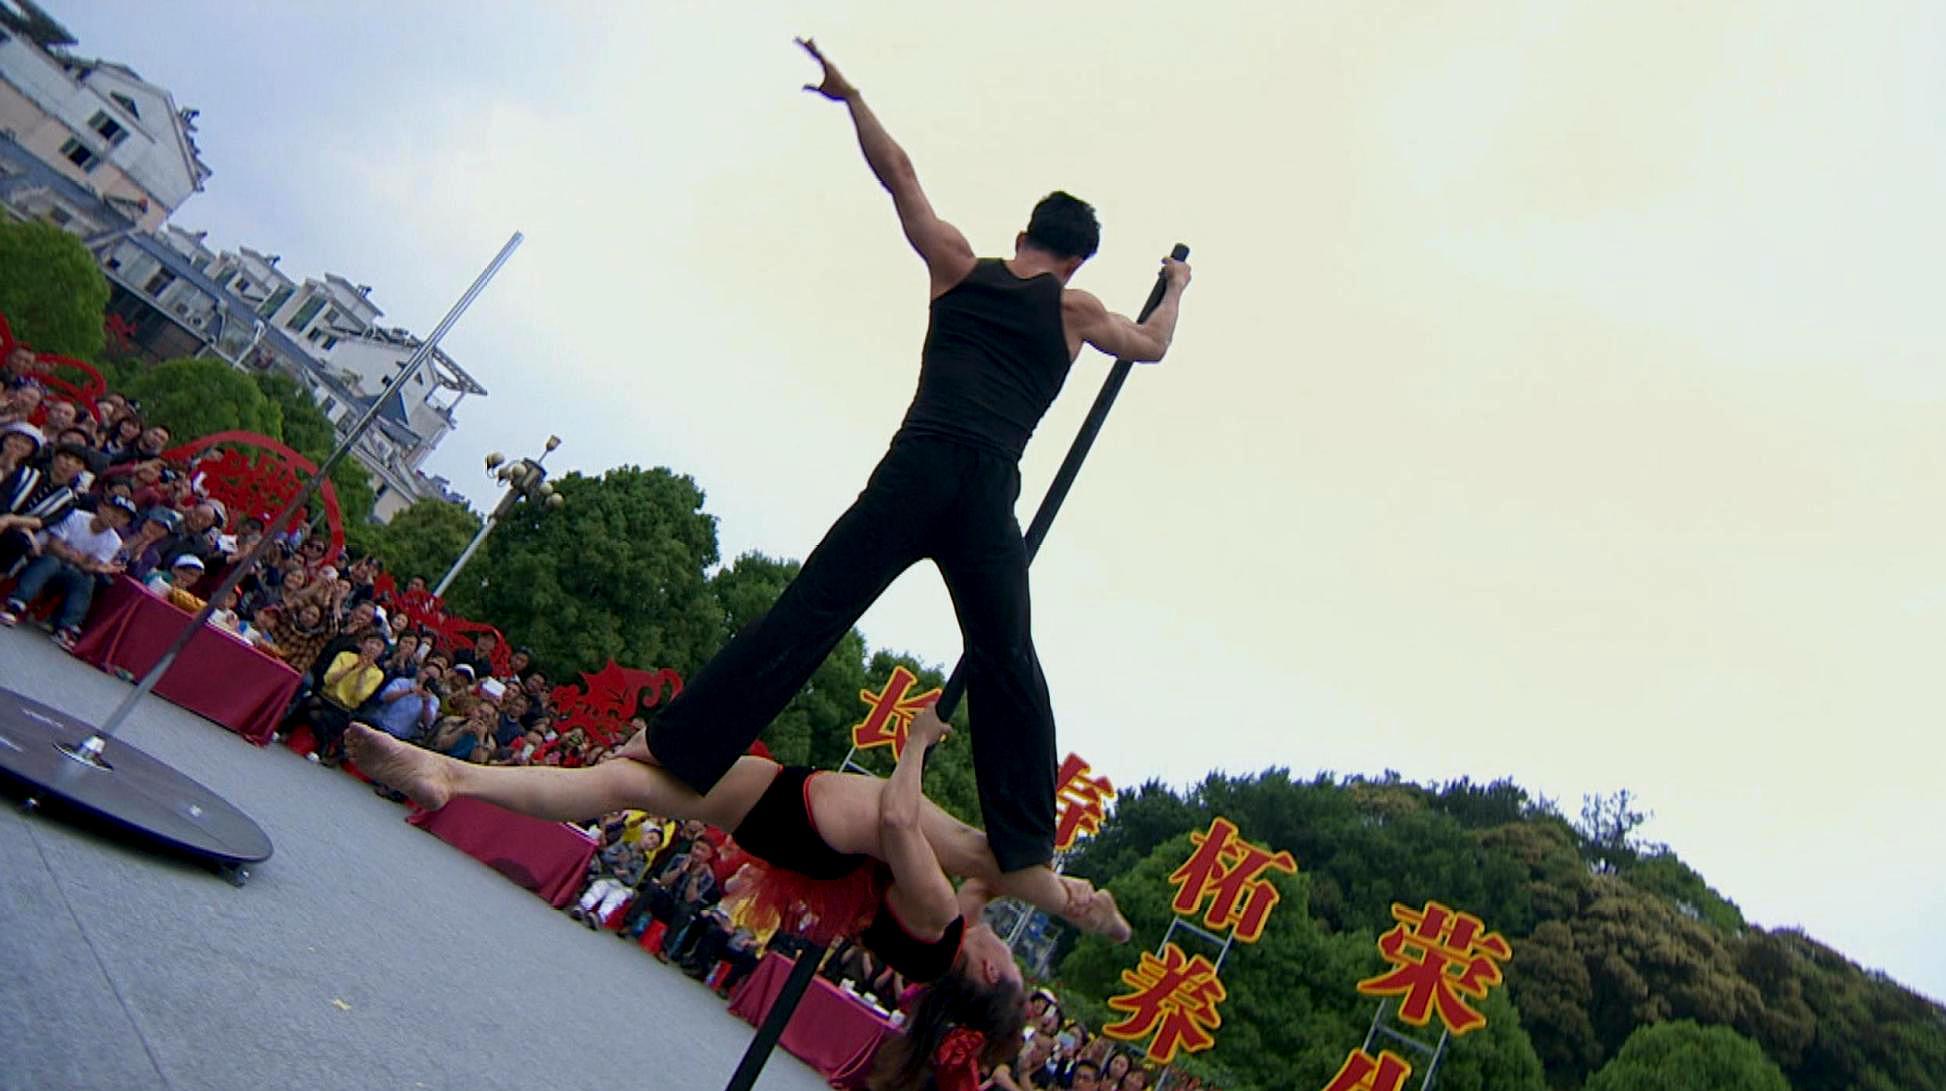 50岁大妈展示舞技,唯美演绎高难度钢管舞动作,瞬间惊艳围观人群